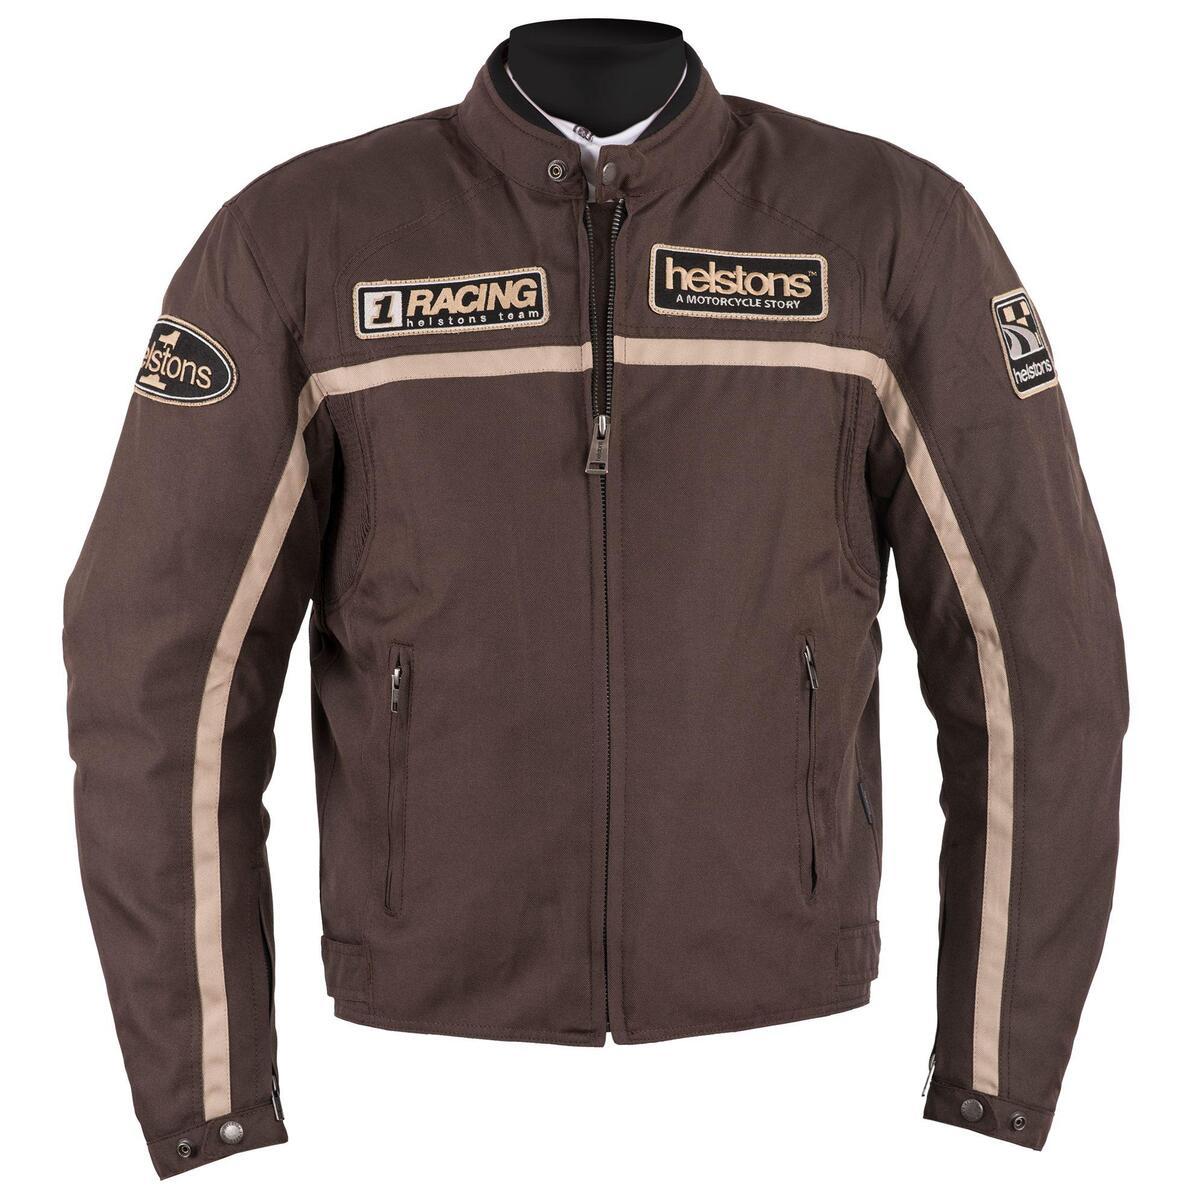 Bild 2 von Helstons Daytona Textiljacke braun Herren Größe L